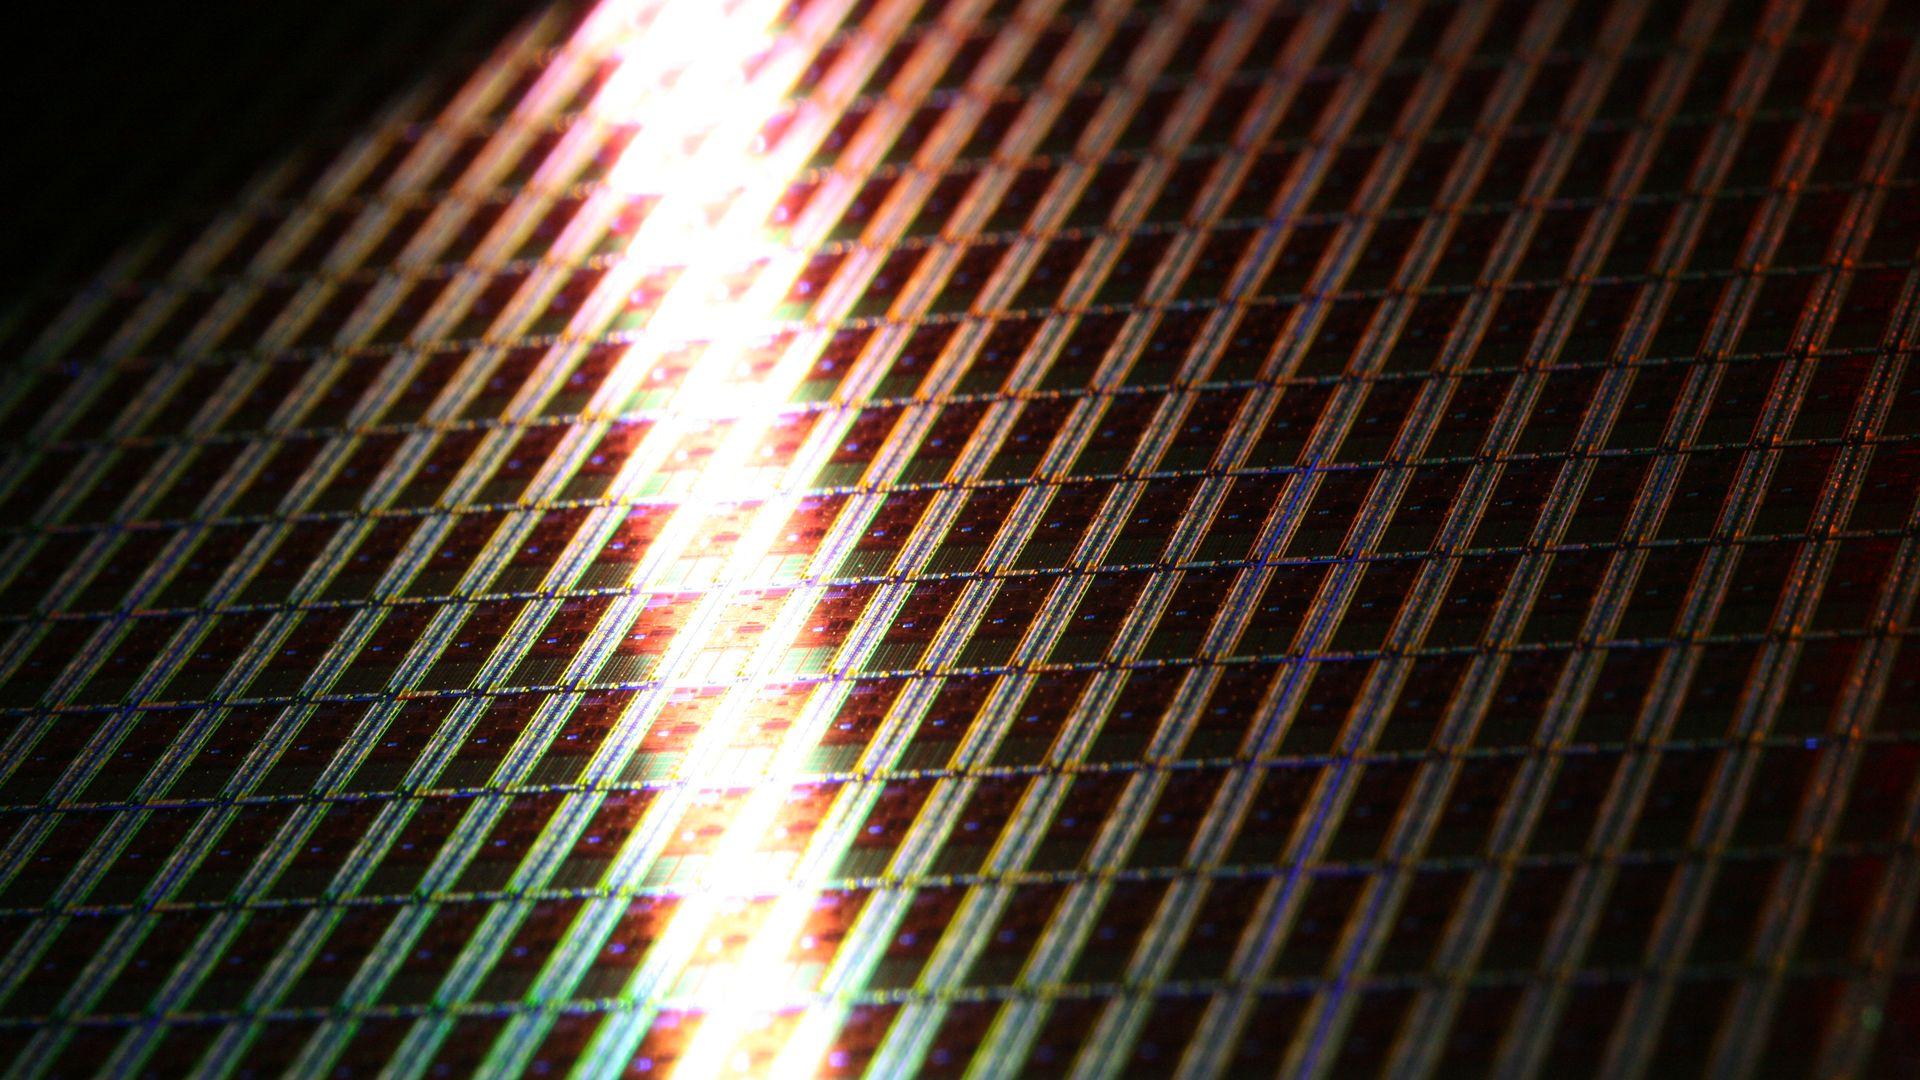 An Intel chip wafer